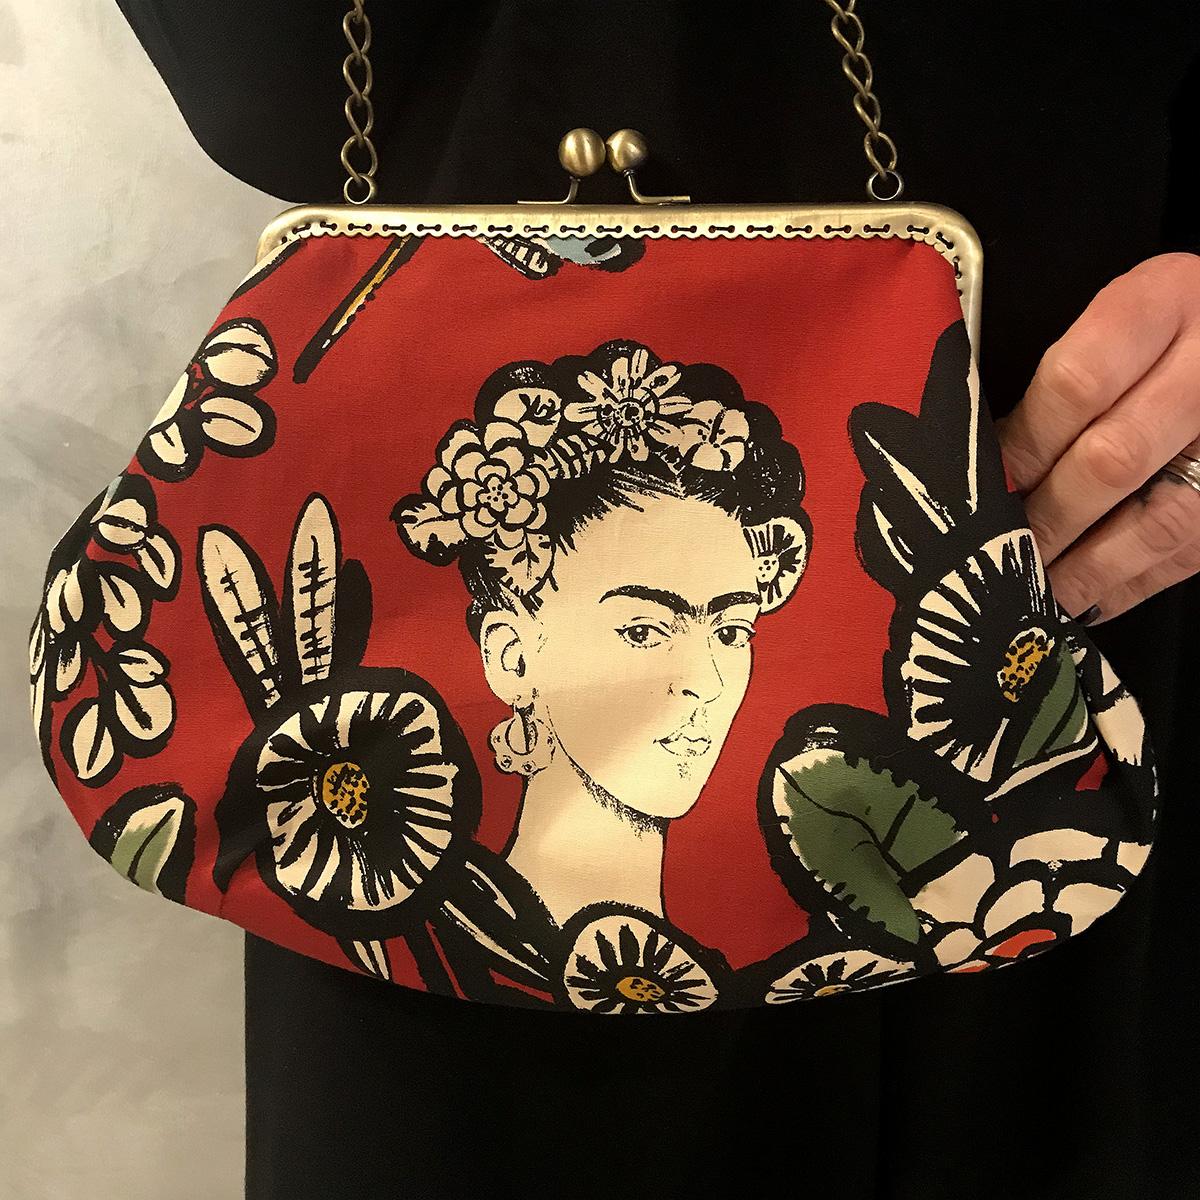 mini-bag-let-bags-frida-rosso-stoffa-pelle-artigianato-femminile-accessori-moda-crazy-art-torino